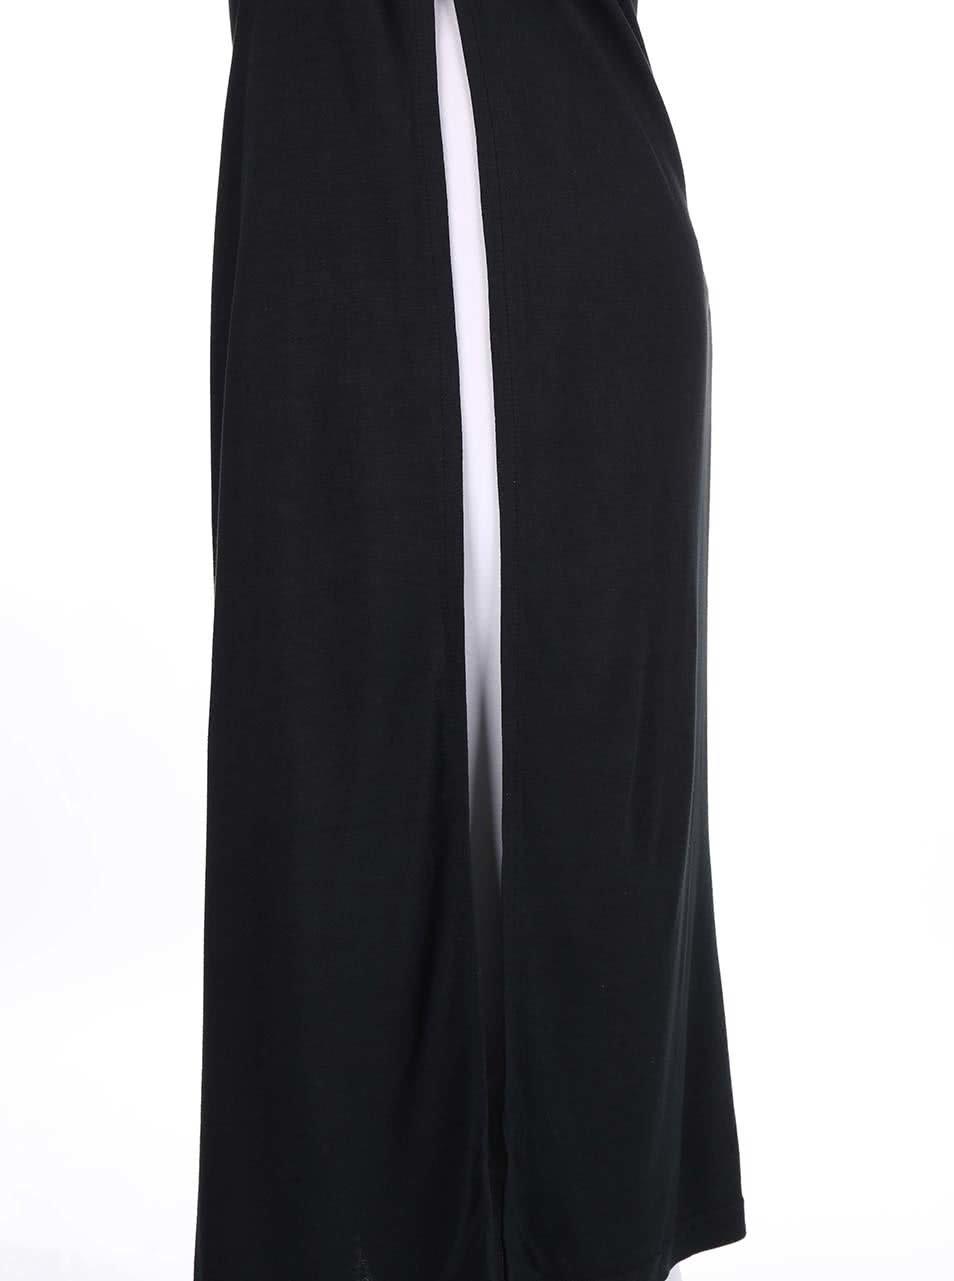 Černé dlouhé šaty s průstřihy na zádech Bench Actingout ... ea17eeefa5